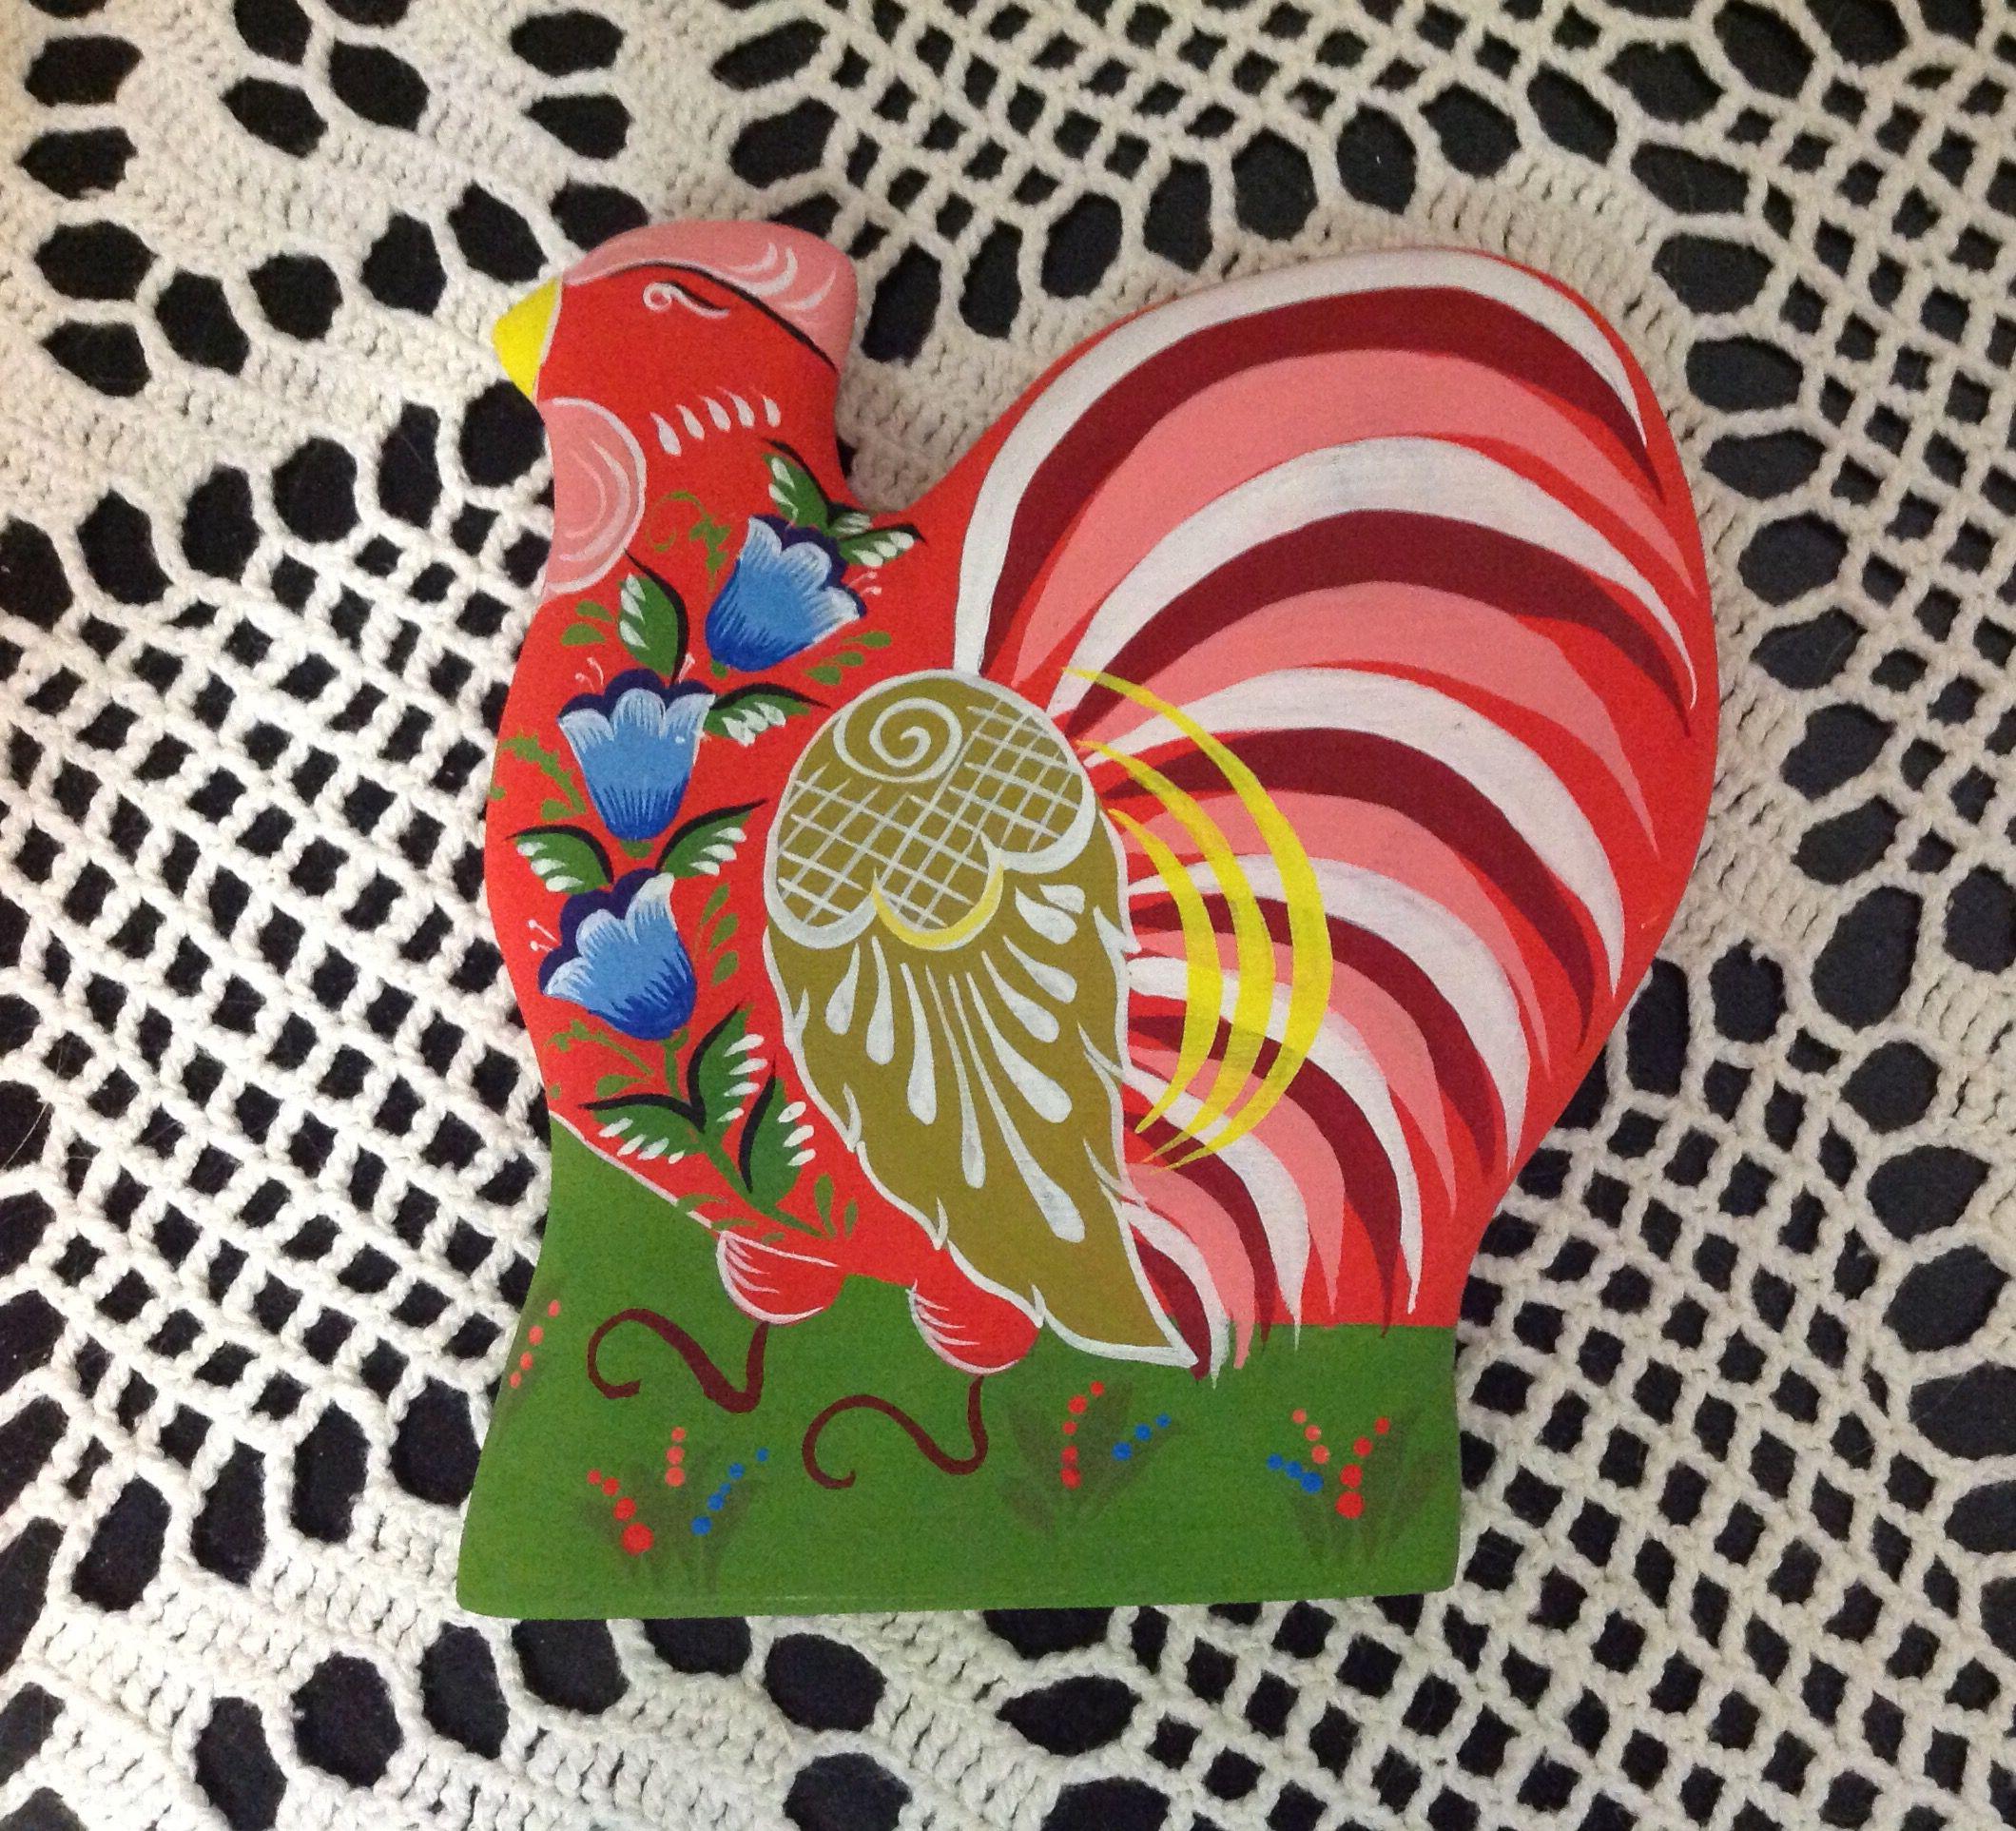 ручнаяработа игрушка городецкаяроспись русский год петушокзолотойгребешок городец петух новыйгод петуха красный сувенир подарок дети